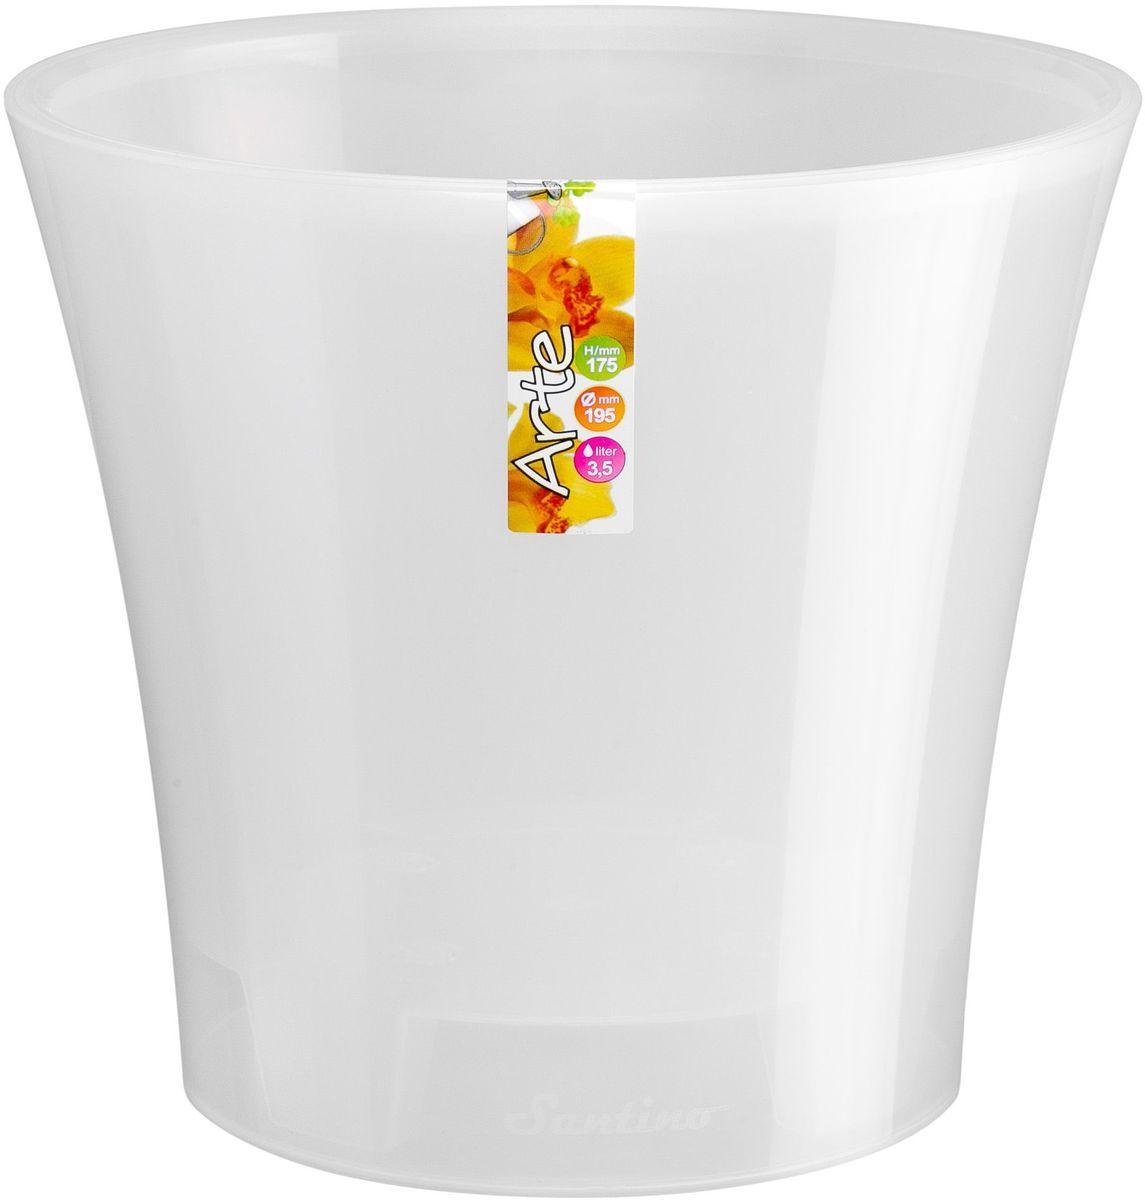 Горшок цветочный Santino Арте, двойной, с системой автополива, цвет: прозрачный, 2 л41624Горшок цветочный Santino Арте снабжен дренажной системой и состоит из кашпо и вазона-вкладыша. Изготовлен из пластика. Особенность: тарелочка или блюдце не нужны. Горшок предназначен для любых растений или цветов. Цветочный дренаж – это система, которая позволяет выводить лишнюю влагу через корневую систему цветка и слой почвы. Растение – это живой организм, следовательно, ему необходимо дышать. В доступе к кислороду нуждаются все части растения: -листья; -корневая система. Если цветовод по какой-либо причине зальет цветок водой, то она буквально вытеснит из почвенного слоя все пузырьки кислорода. Анаэробная среда способствует развитию различного рода бактерий. Безвоздушная среда приводит к загниванию корневой системы, цветок в результате увядает. Суть работы дренажной системы заключается в том, чтобы осуществлять отвод лишней влаги от растения и давать возможность корневой системе дышать без проблем. Следовательно, каждому цветку необходимо: -иметь в основании цветочного горшочка хотя бы одно небольшое дренажное отверстие. Оно необходимо для того, чтобы через него выходила лишняя вода, плюс ко всему это отверстие дает возможность циркулировать воздух. -на самом дне горшка необходимо выложить слоем в 2-5 см (зависит от вида растения) дренаж.УВАЖАЕМЫЕ КЛИЕНТЫ!Обращаем ваше внимание на тот факт, что фото изделия служит для визуального восприятия товара. Литраж и размеры, представленные на этикетке товара, могут по факту отличаться от реальных. Корректные данные в поле Размеры.